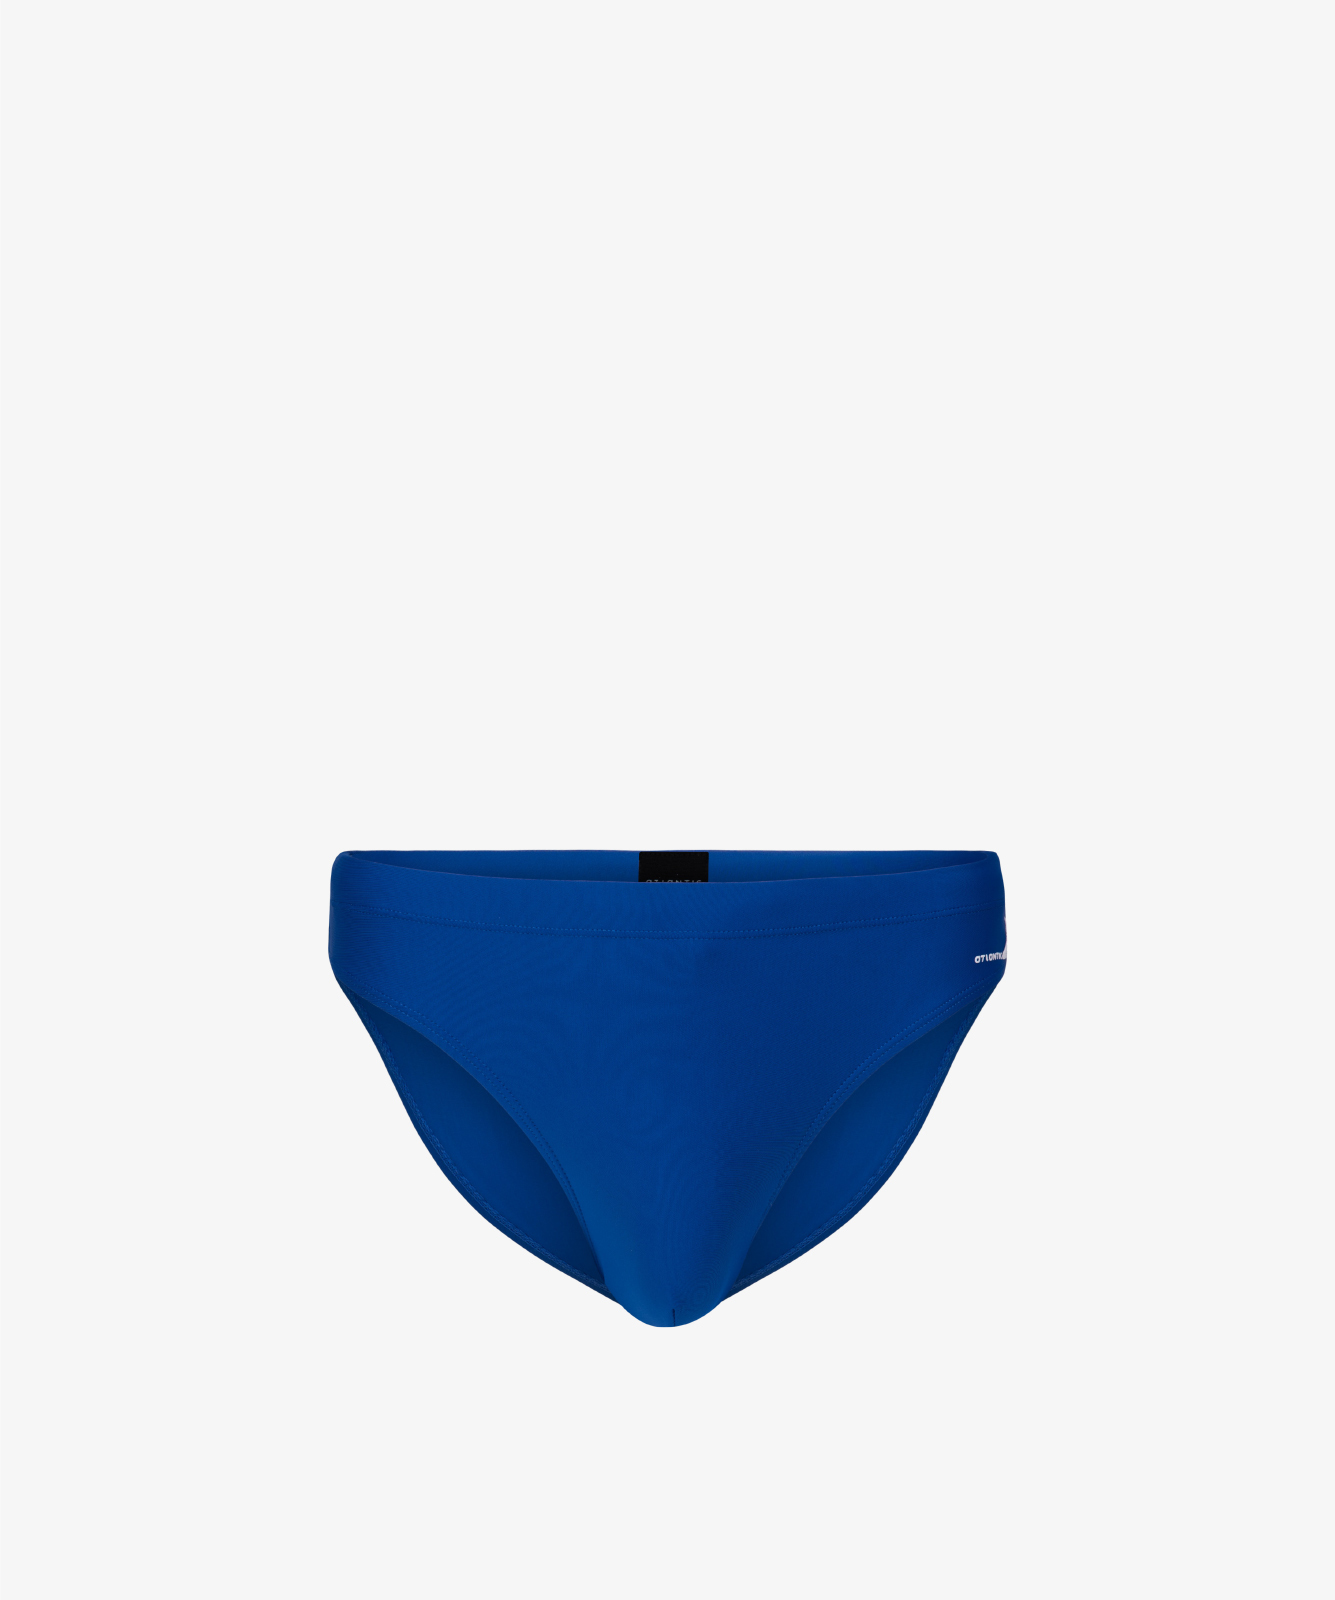 Плавки мужские спорт Atlantic, 1 шт. в уп., полиамид, голубые, KMT-332